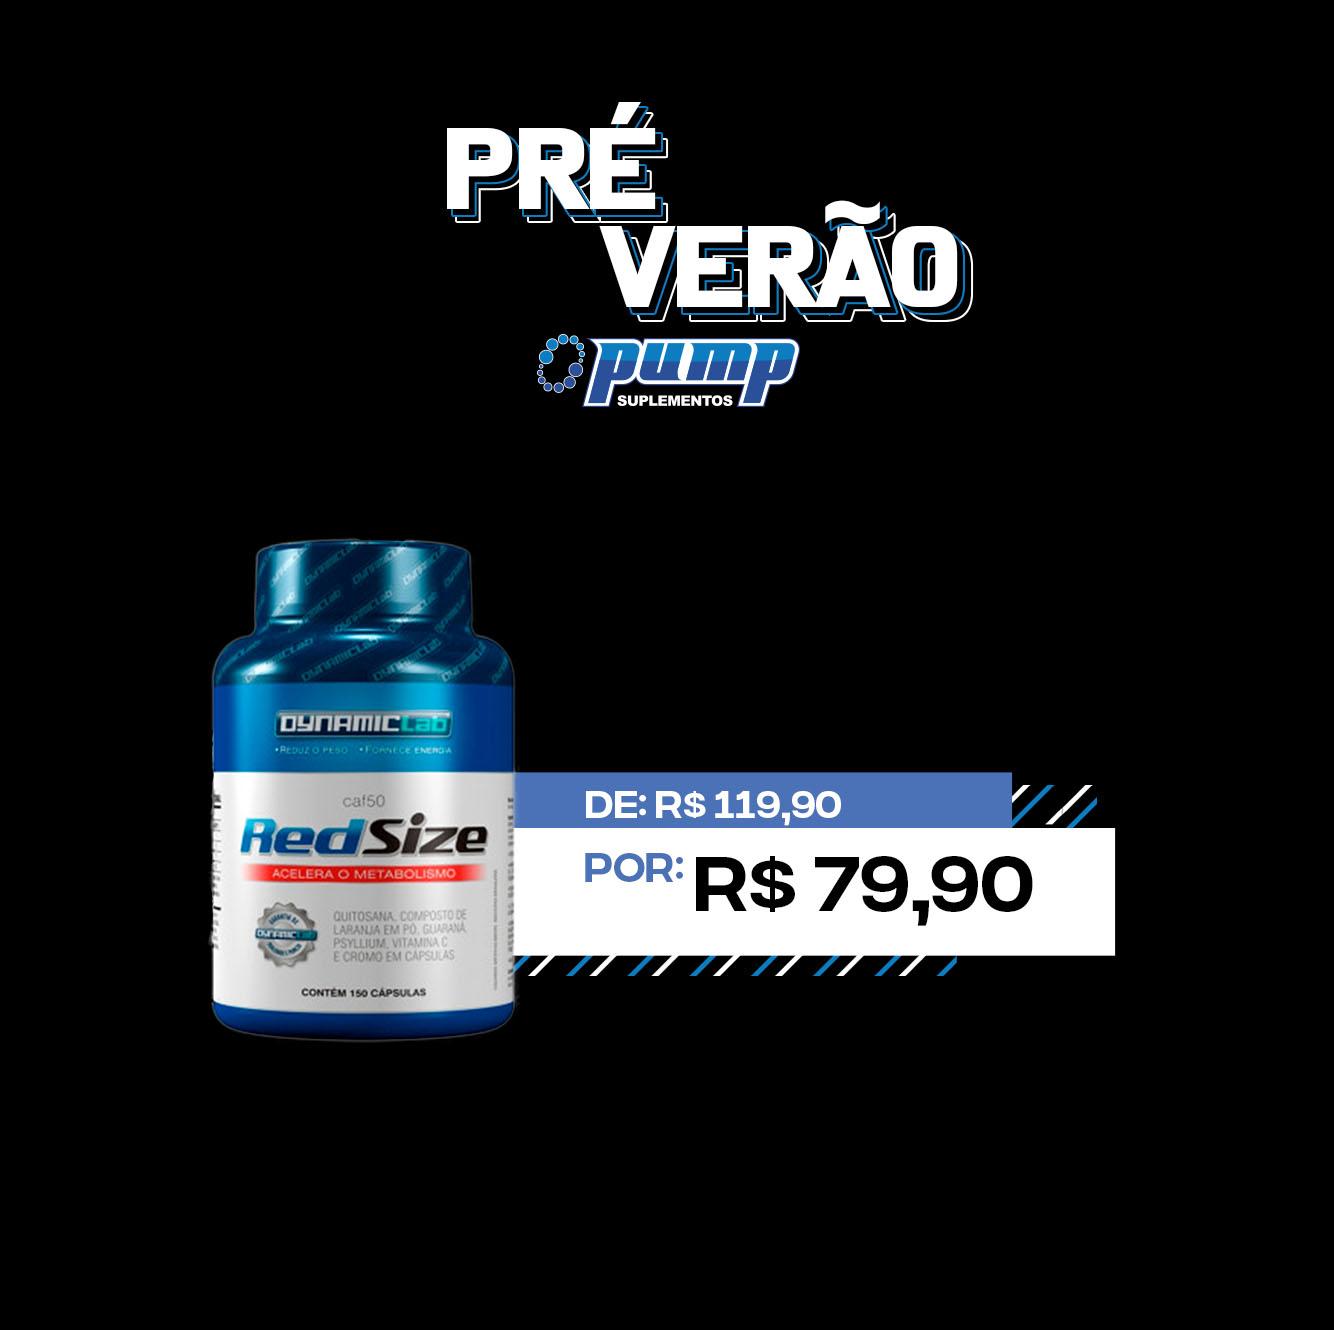 PRÉ VERÃO - Red SIze